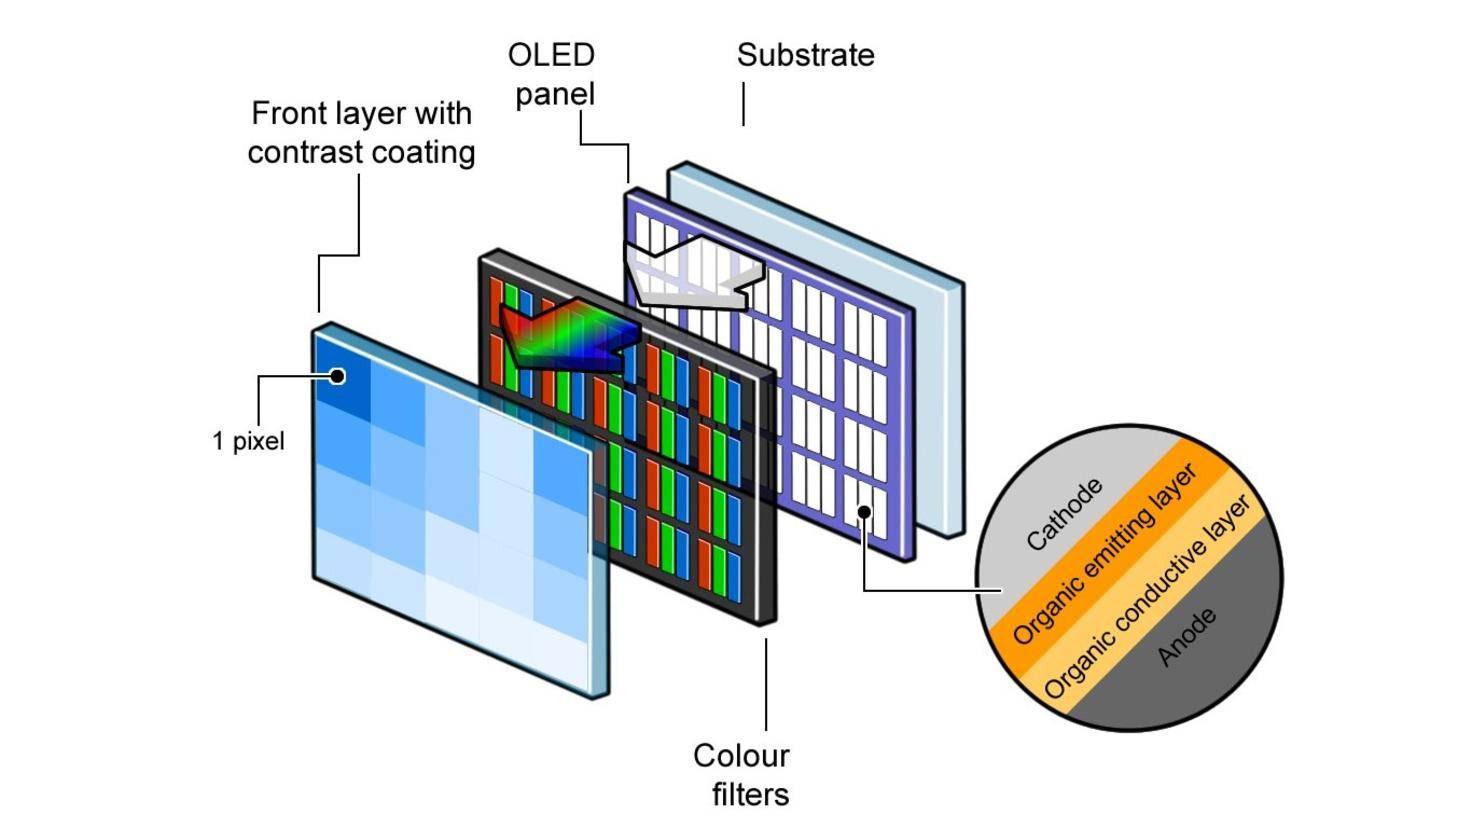 oled-panel-aufbau-layers-schichten